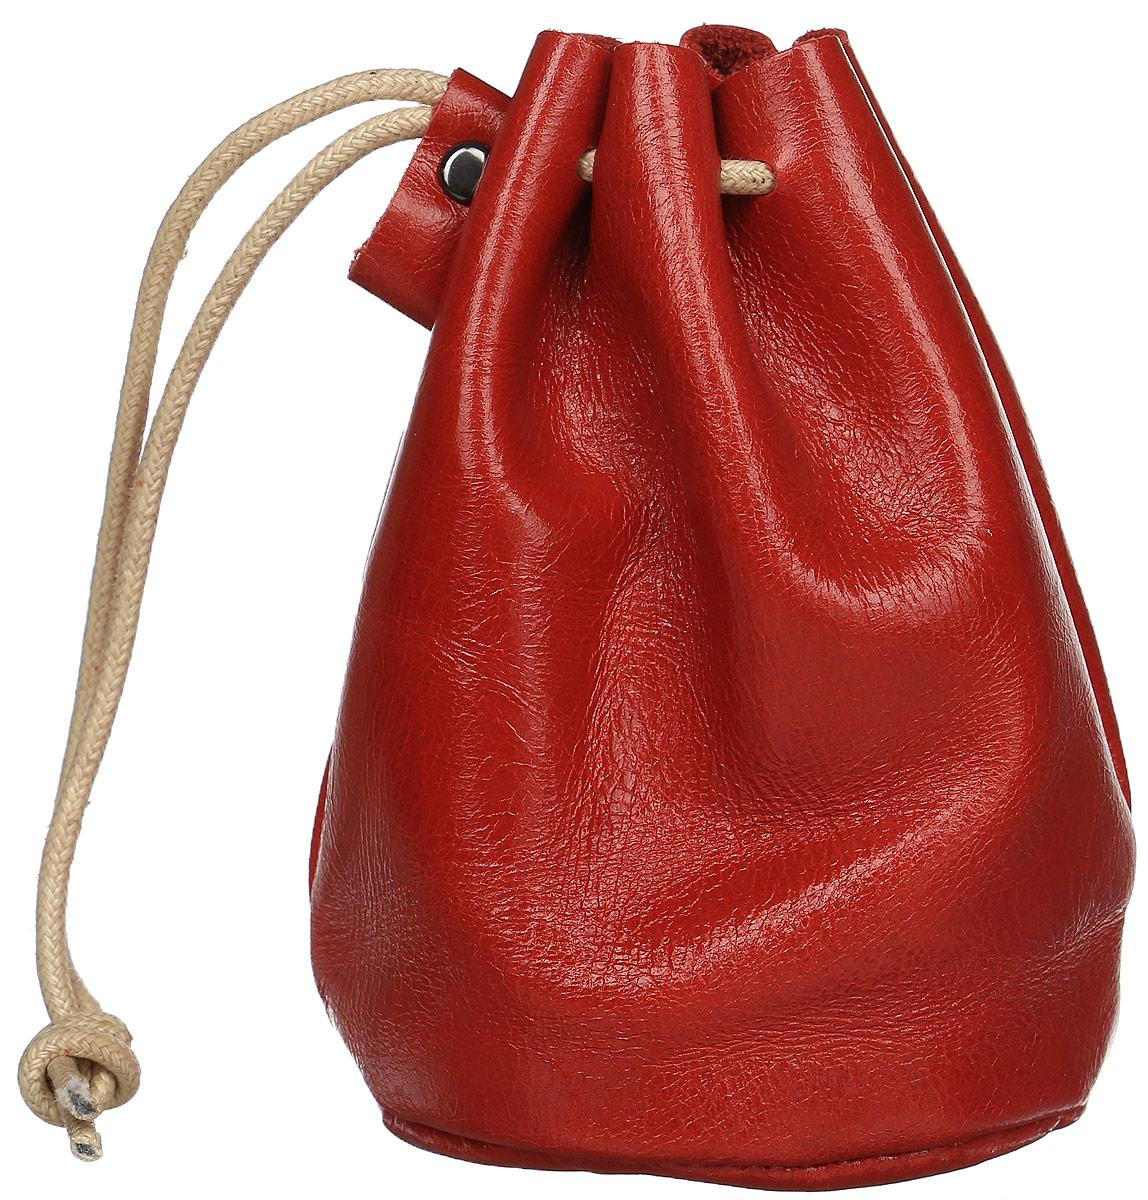 Монетница женская Cheribags, цвет: красный. 04К-1019-1604К-1019-16Монетница Cheribags выполнена из натуральной текстурной кожи. Внутри расположено отделение для монет. Изделие закрывается с помощью текстильного шнурка.